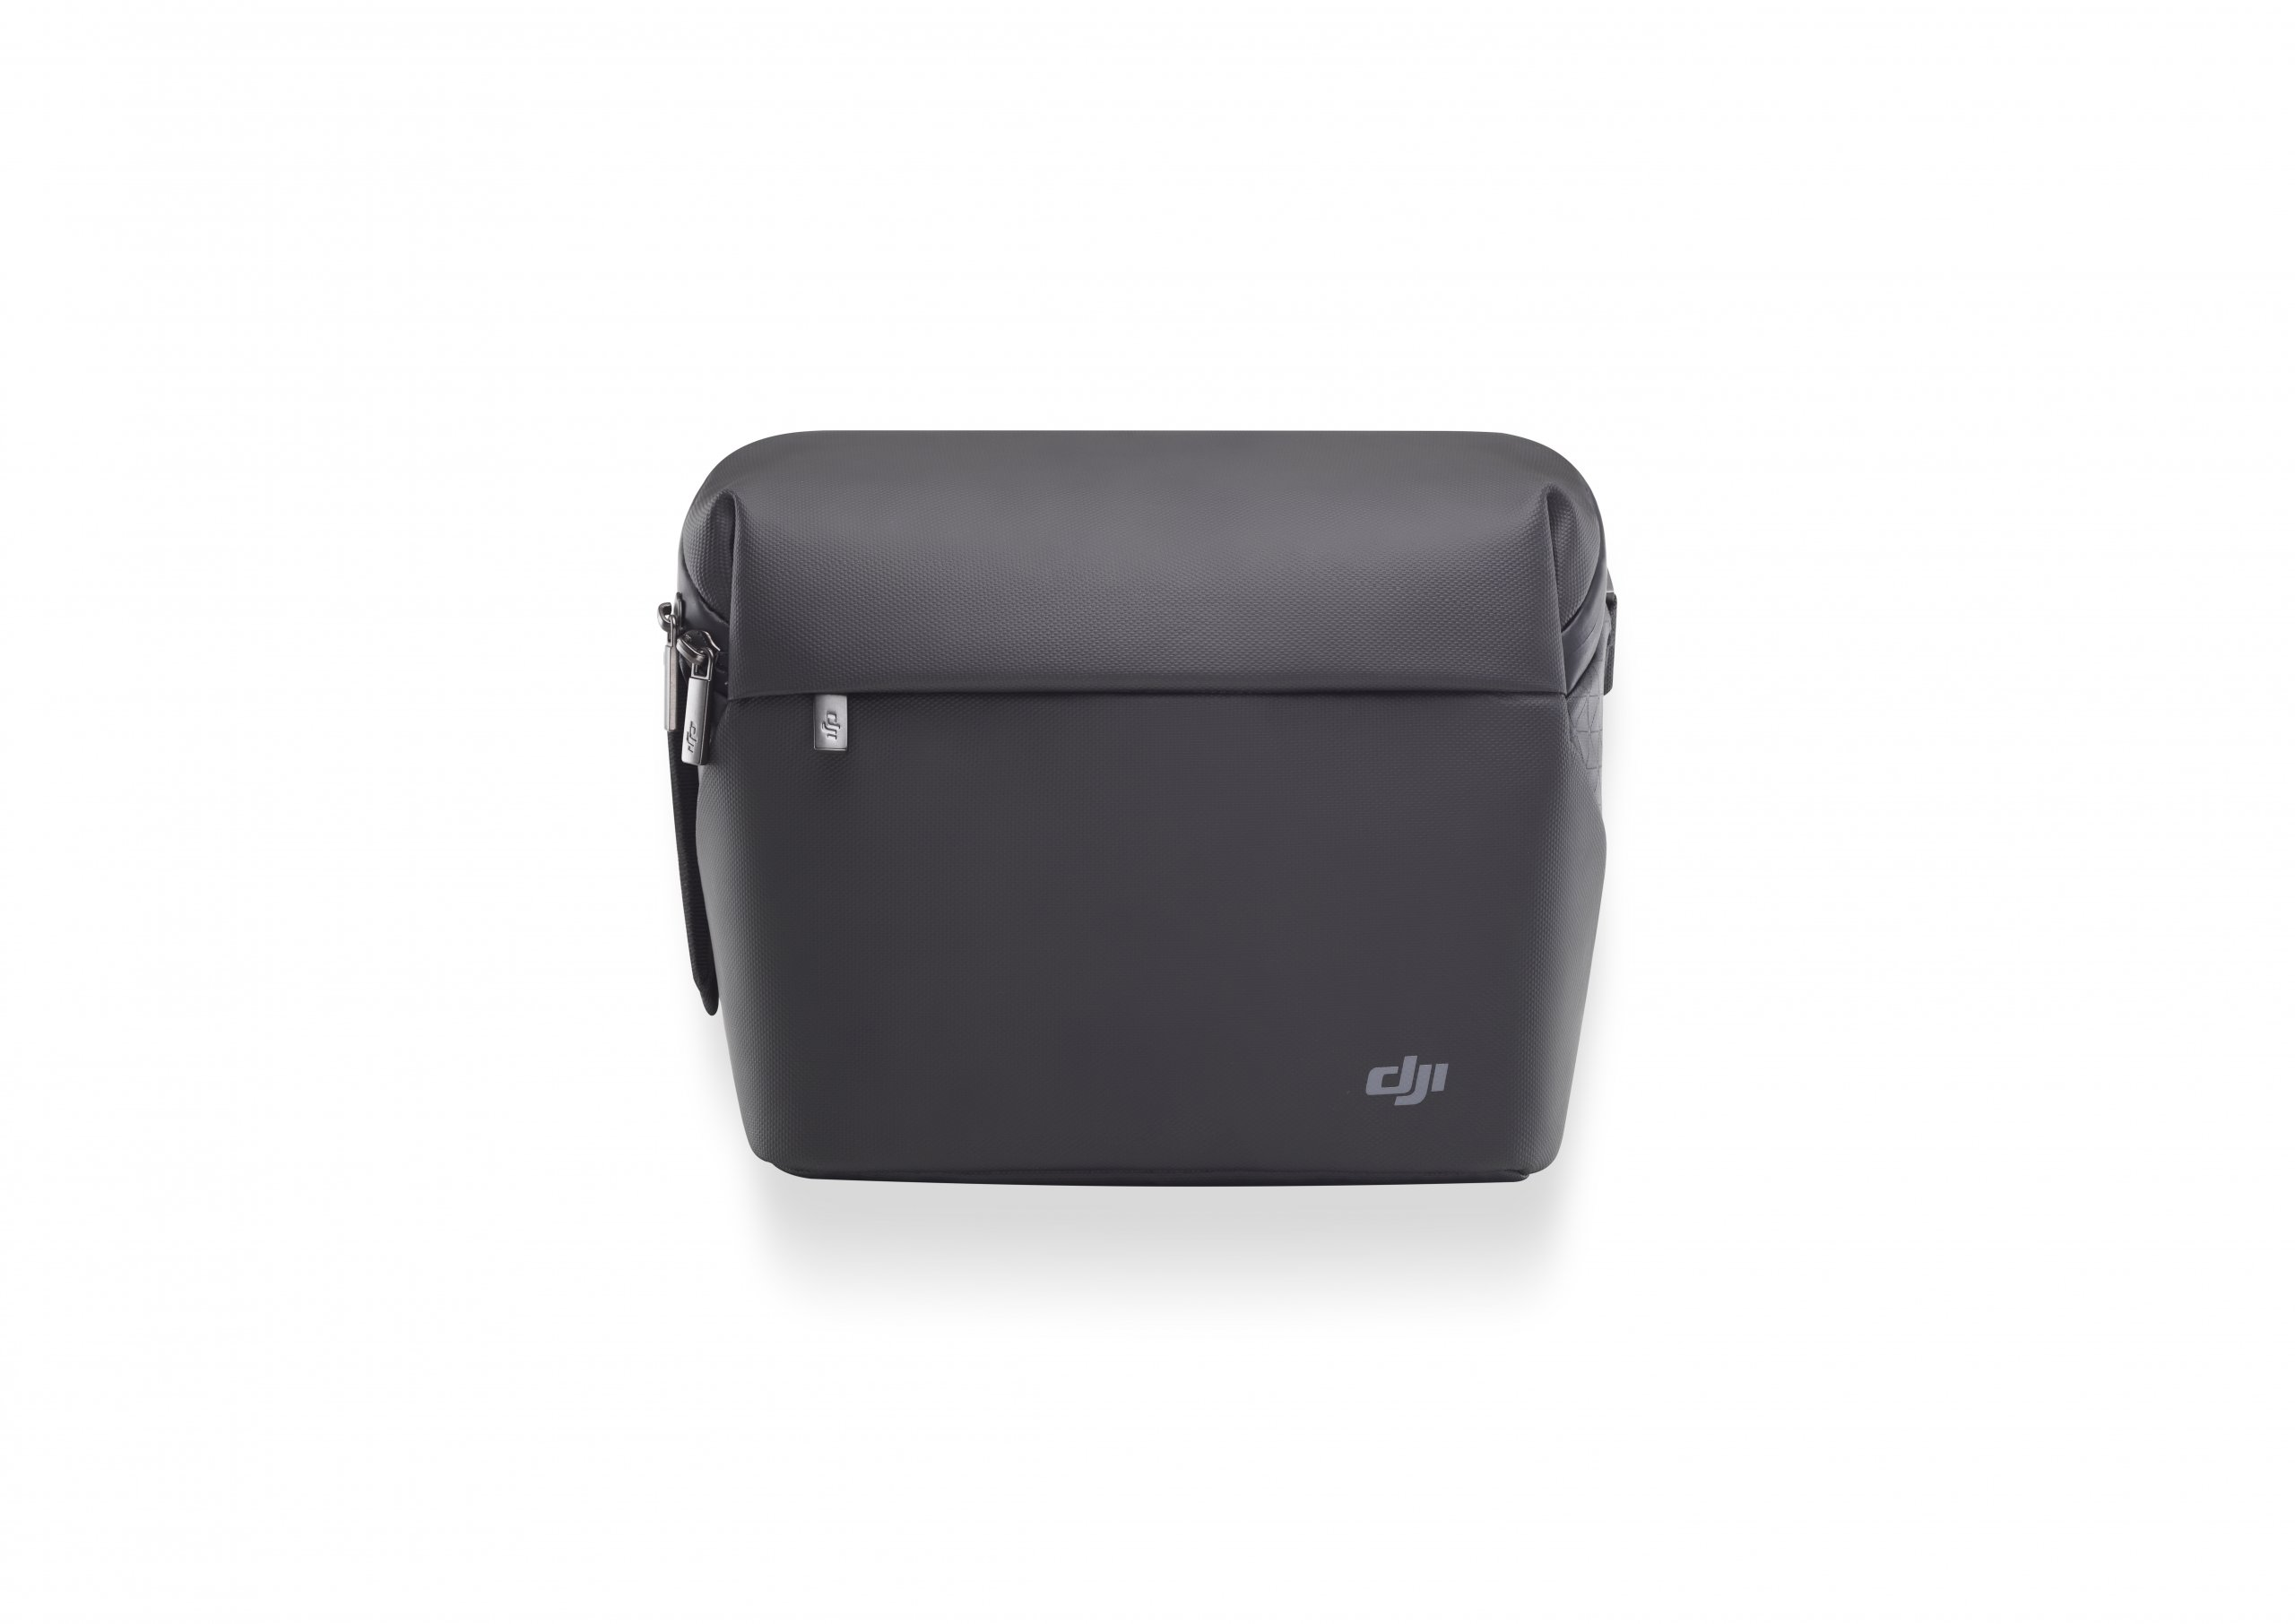 DJI Mini2 shoulder bag